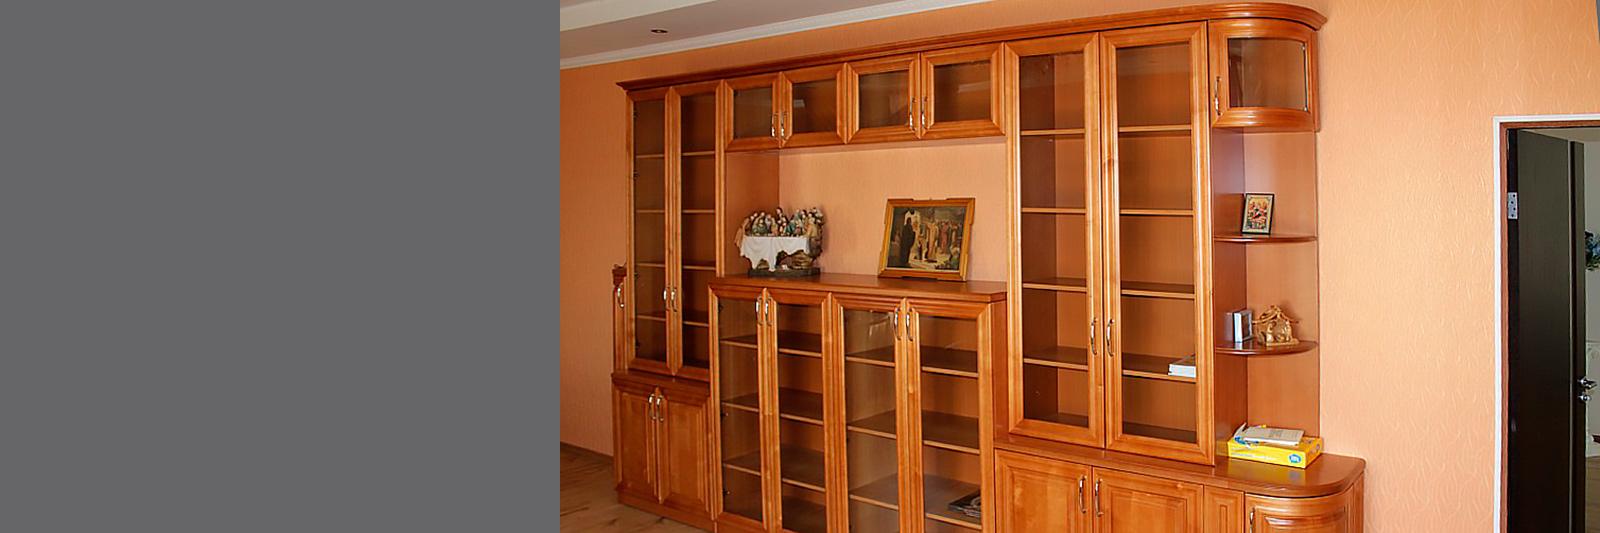 Книжные шкафы на заказ из массива по индивидуальным размерам